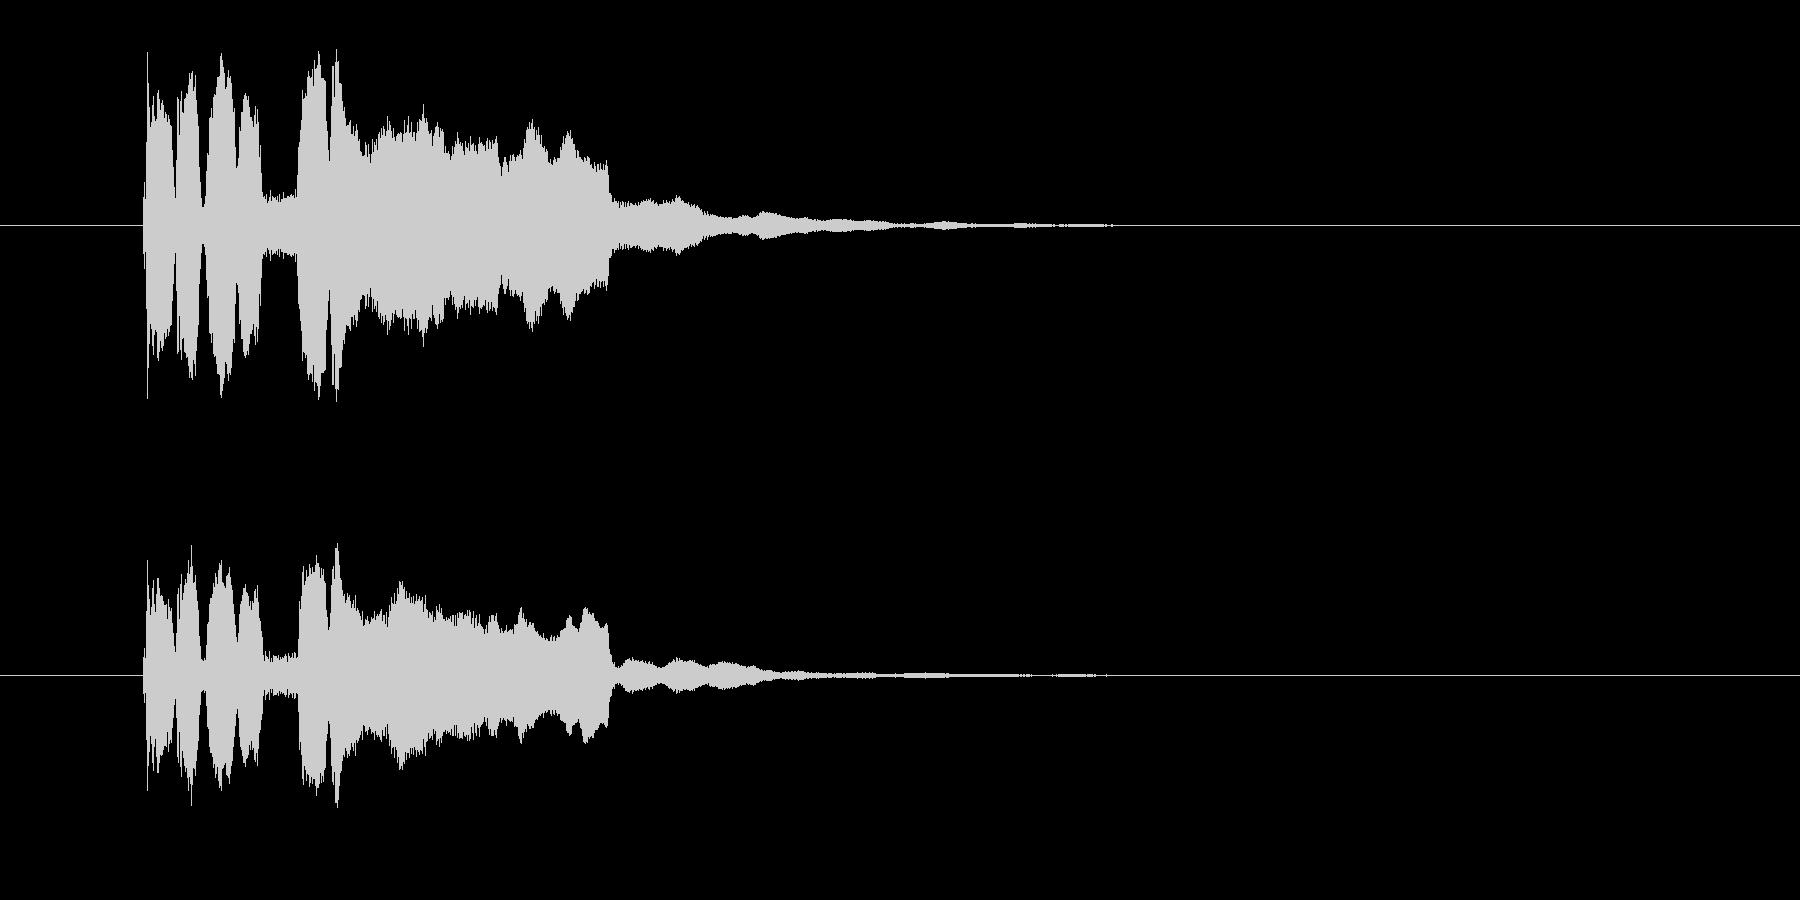 正解した時のパラララッパラーという効果音の未再生の波形